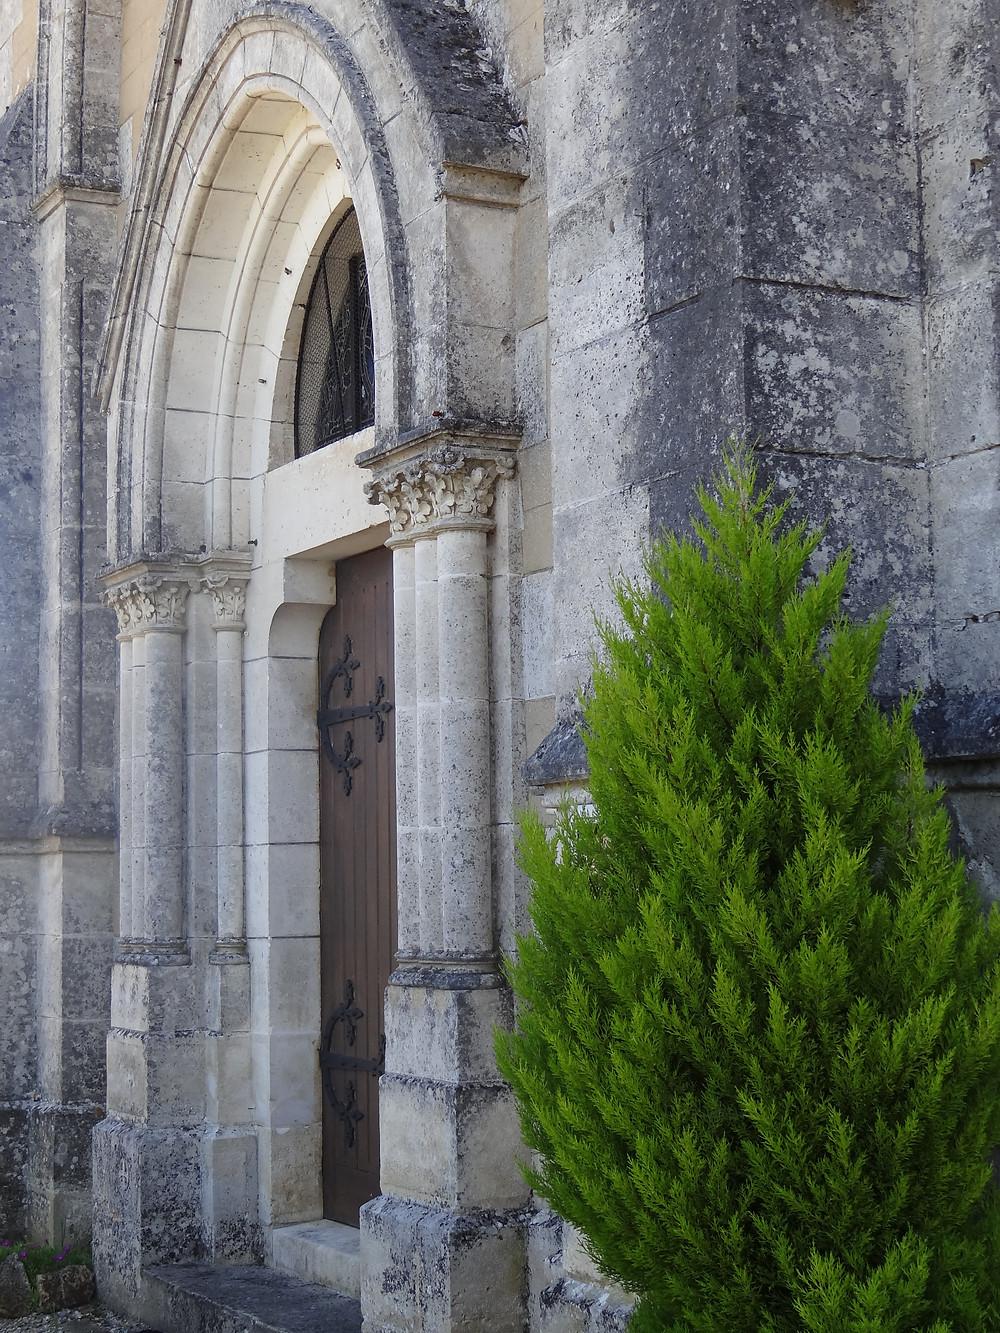 la spiritualité à l'église est-ce obligatoire?